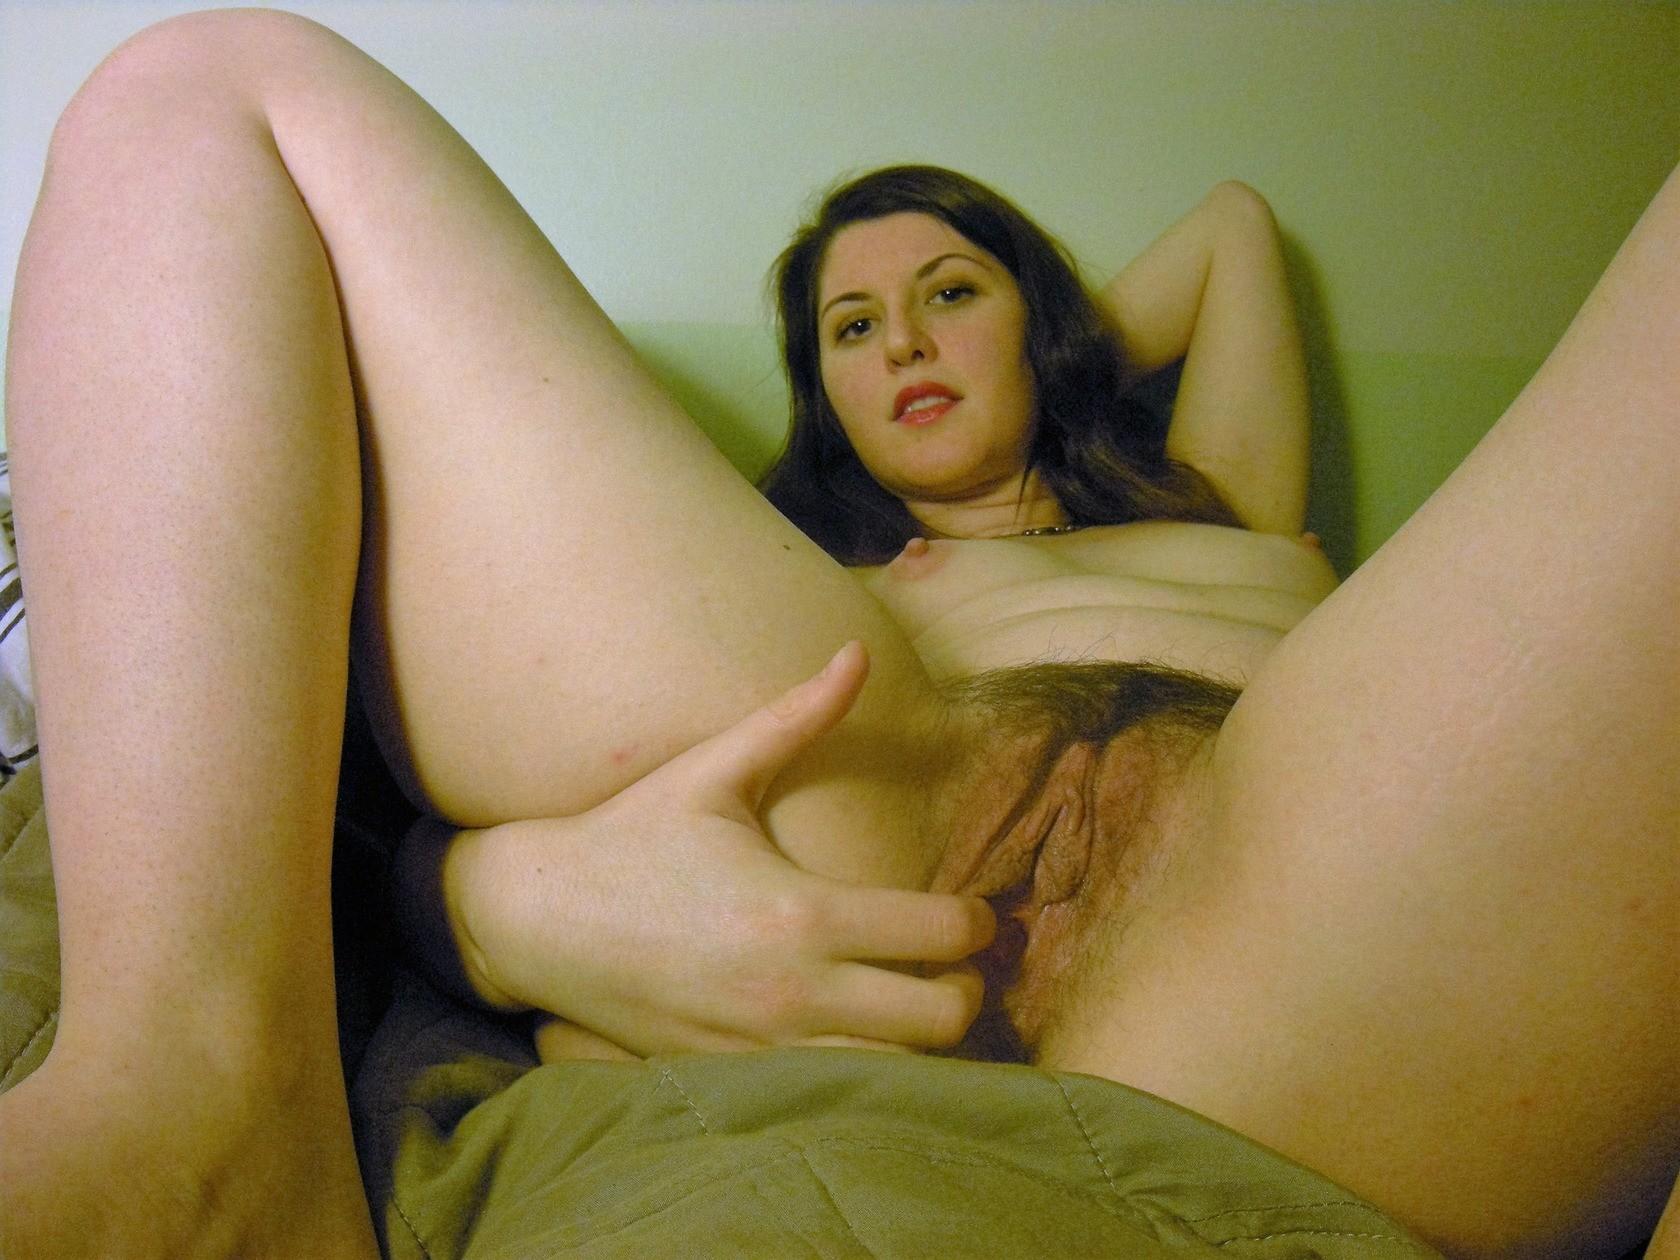 Великолепная телка показывает широкую попку и половые губы